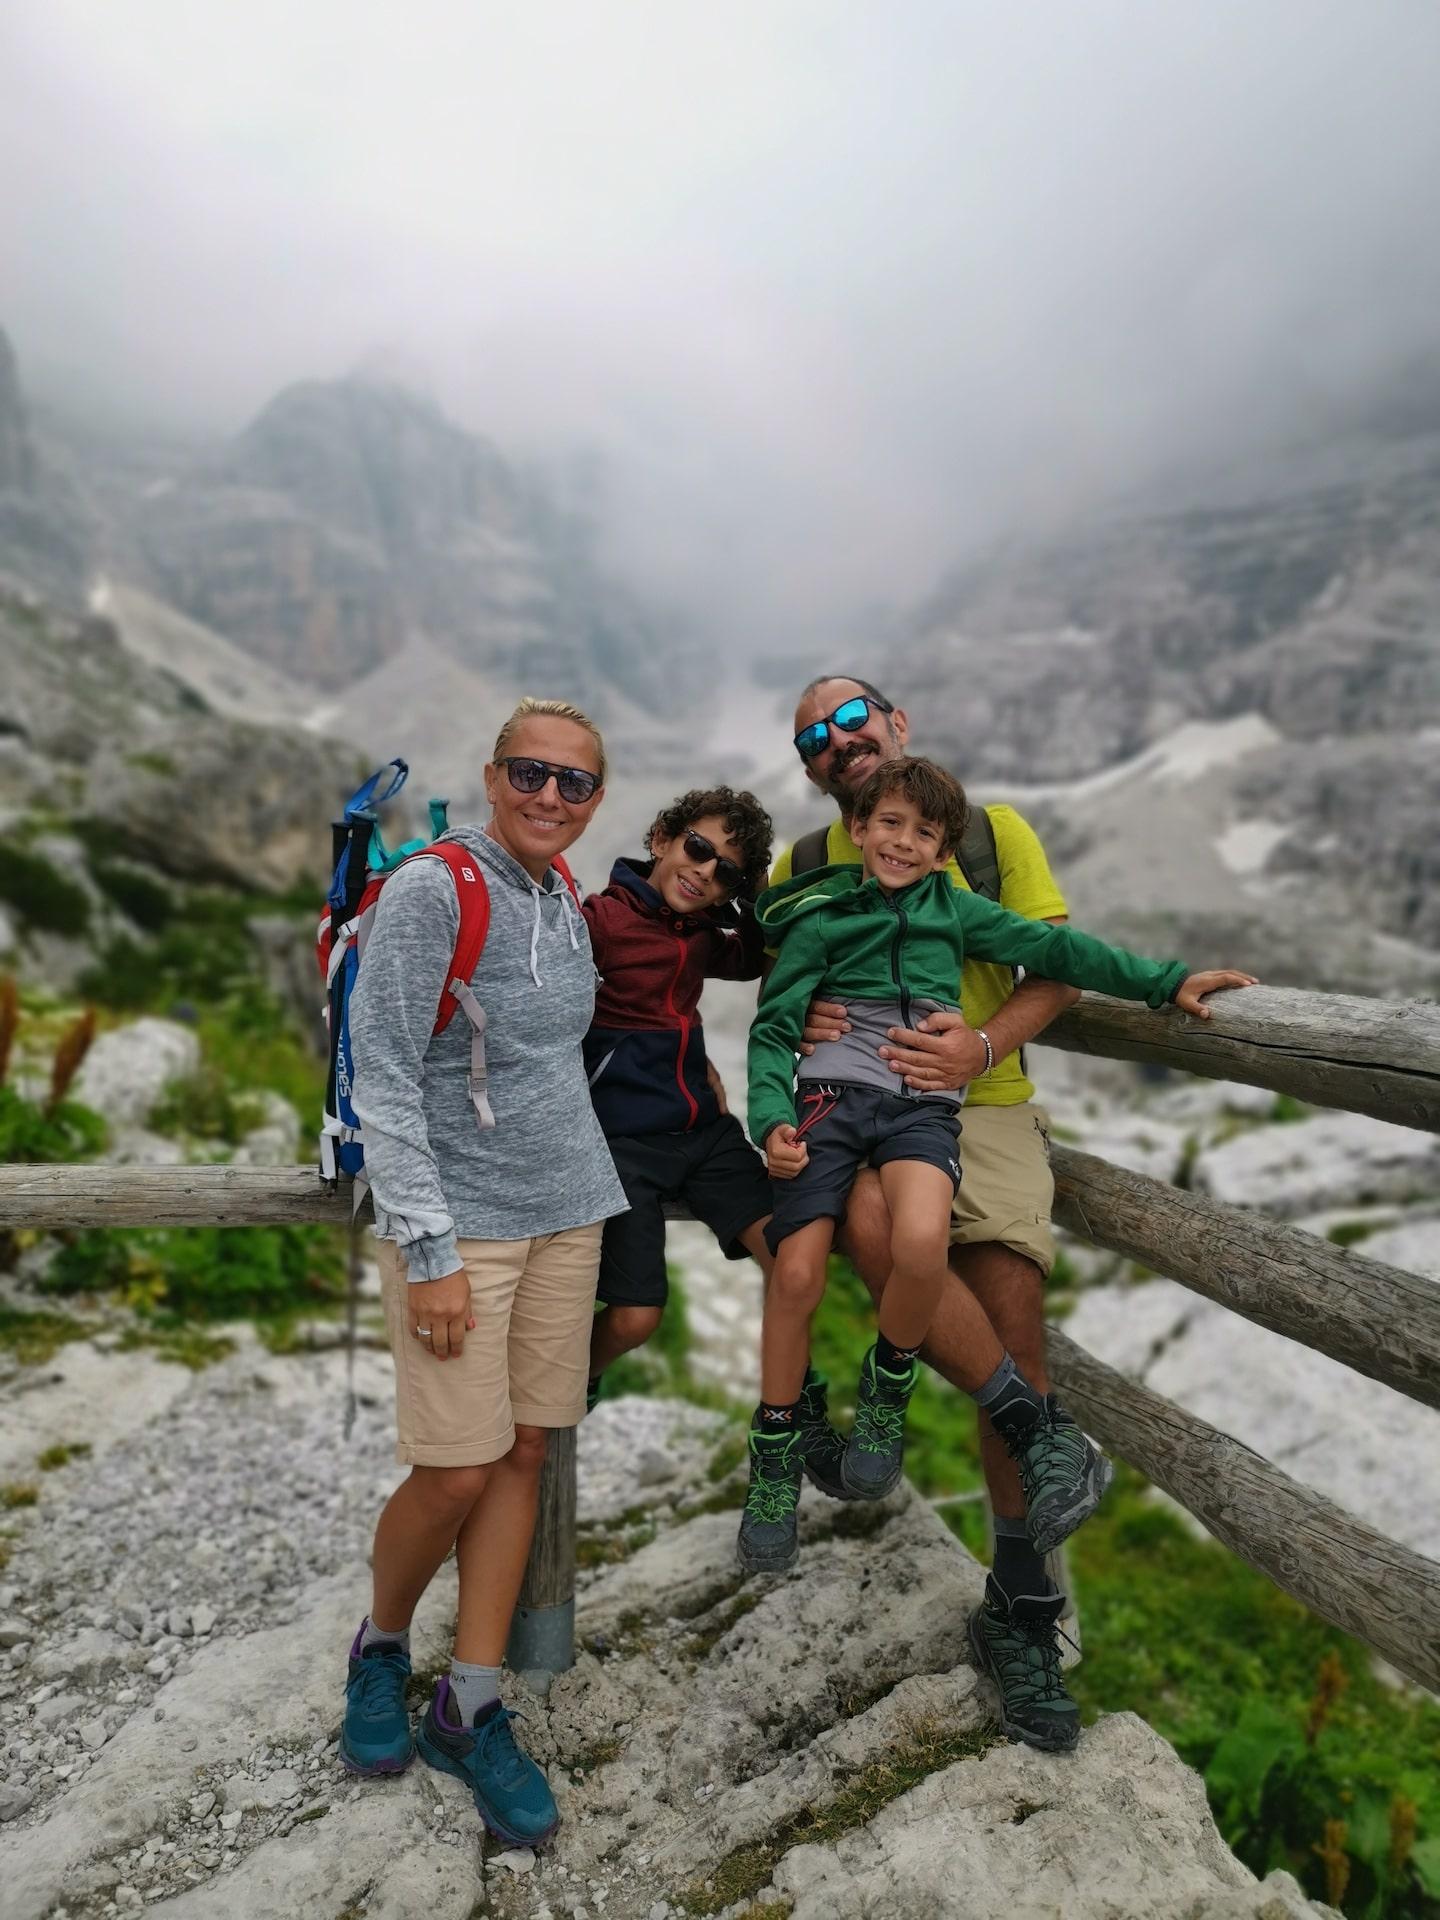 Escursioni estate 2021, è tempo di fare programmi!